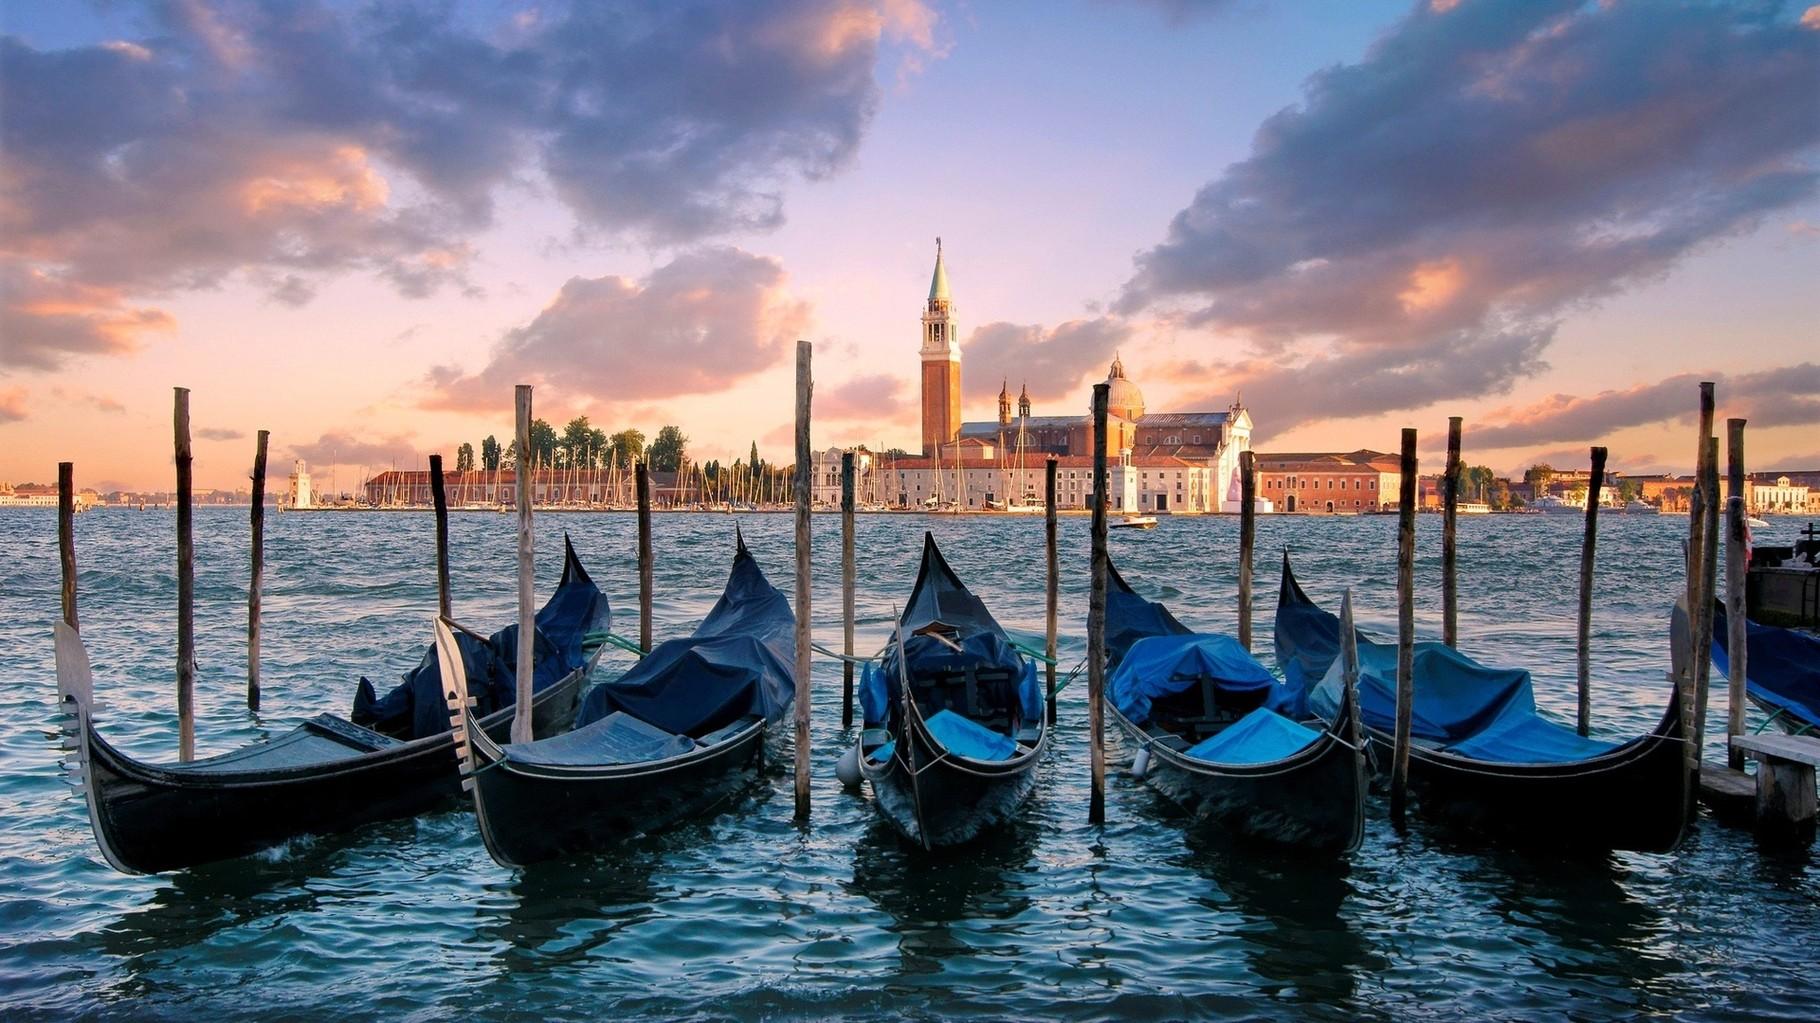 VENEZIA - Vista di Venezia con le famose gondole